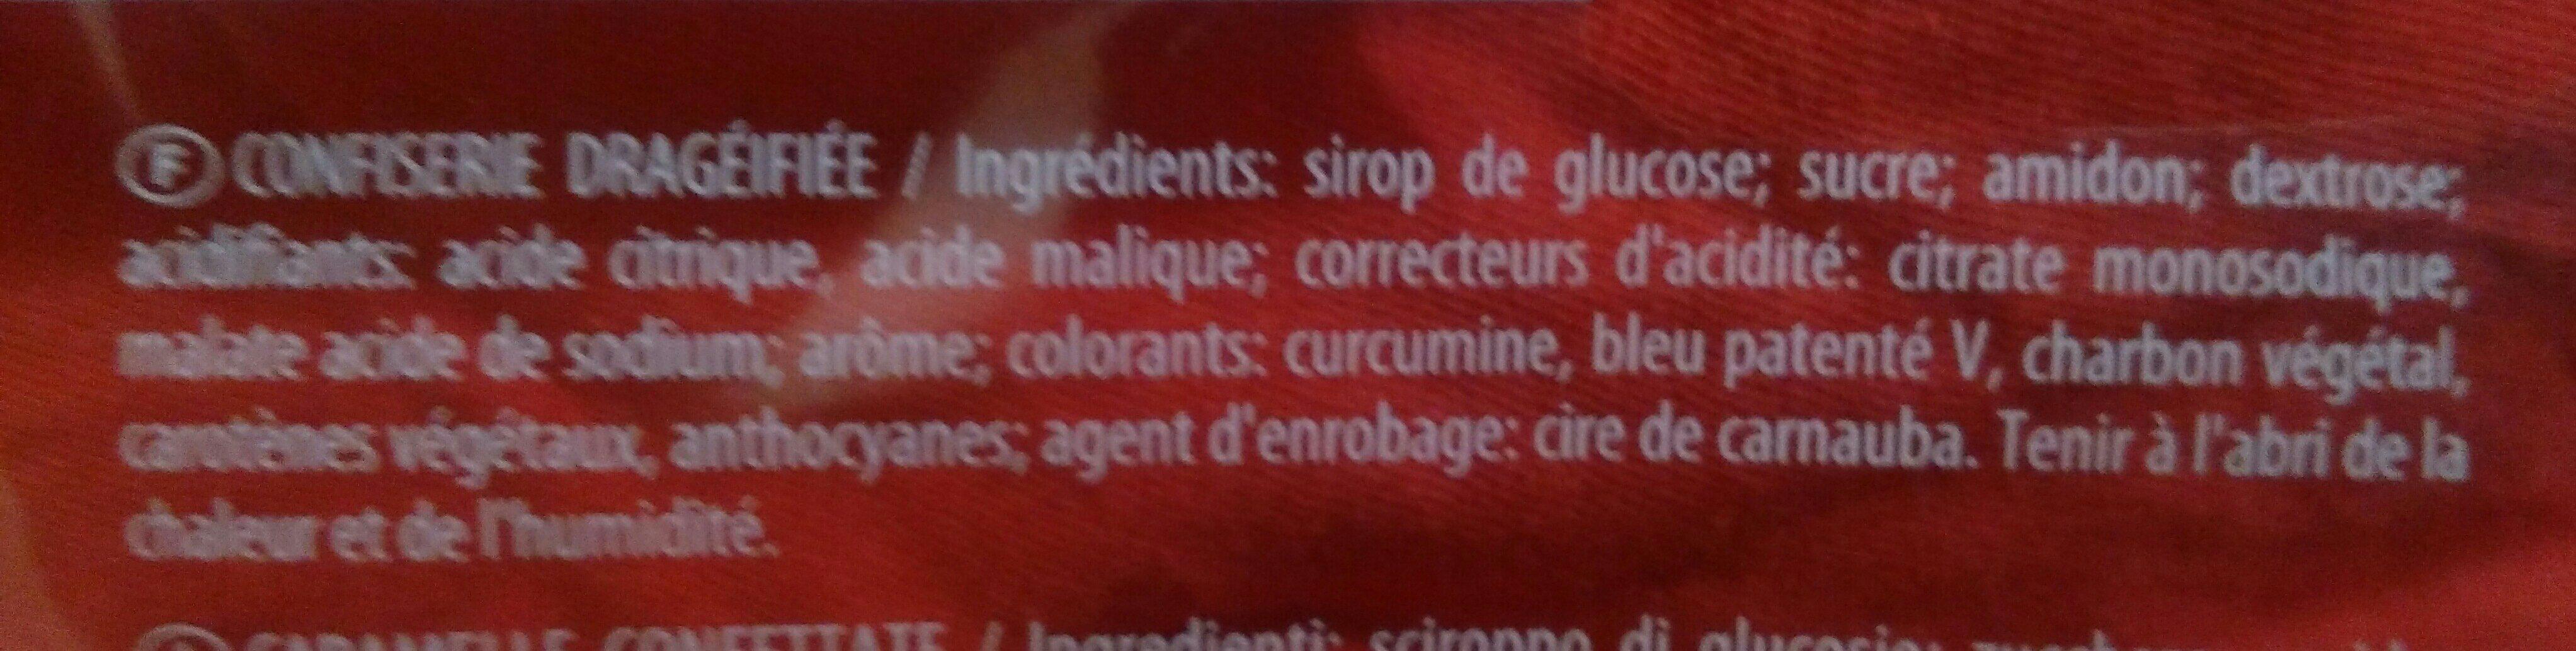 Bonbons Mega Fête Dragibus - Ingrédients - fr